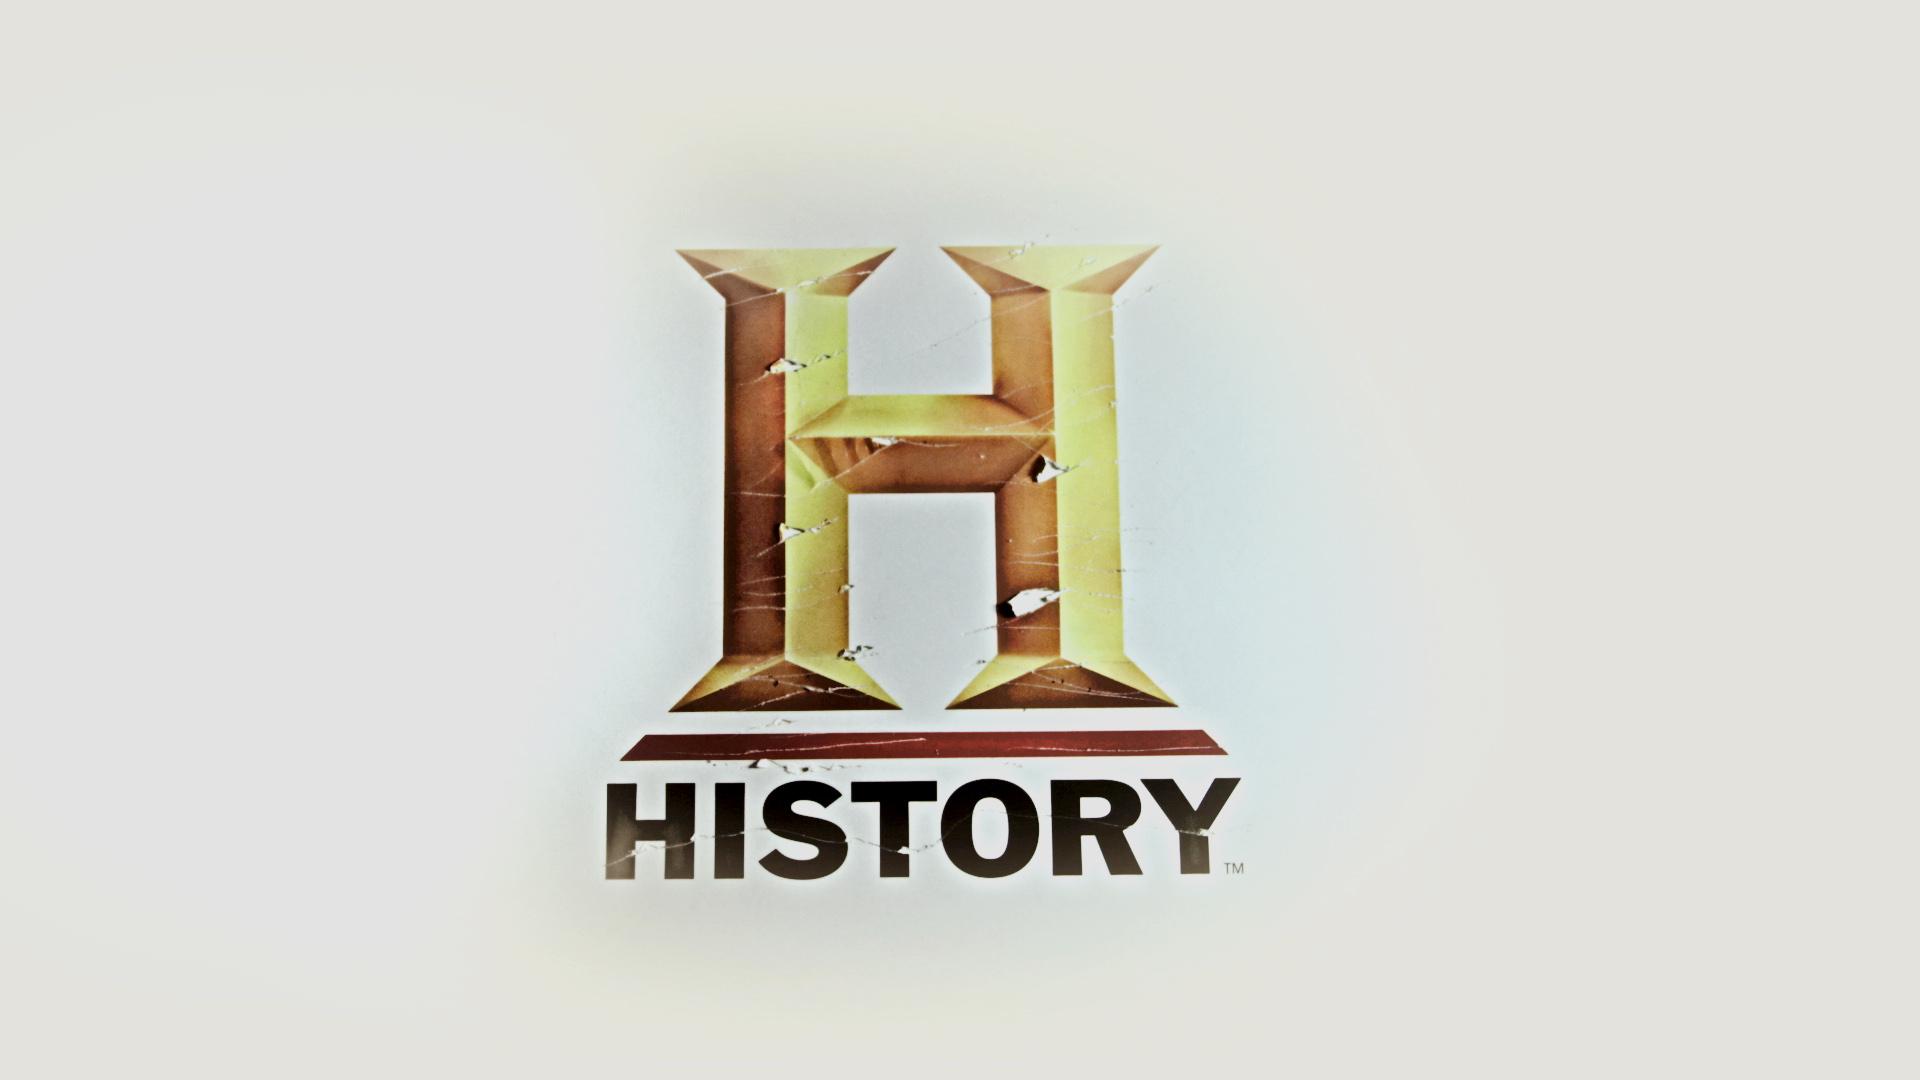 VC_S&S_History_ghv03_012.jpg